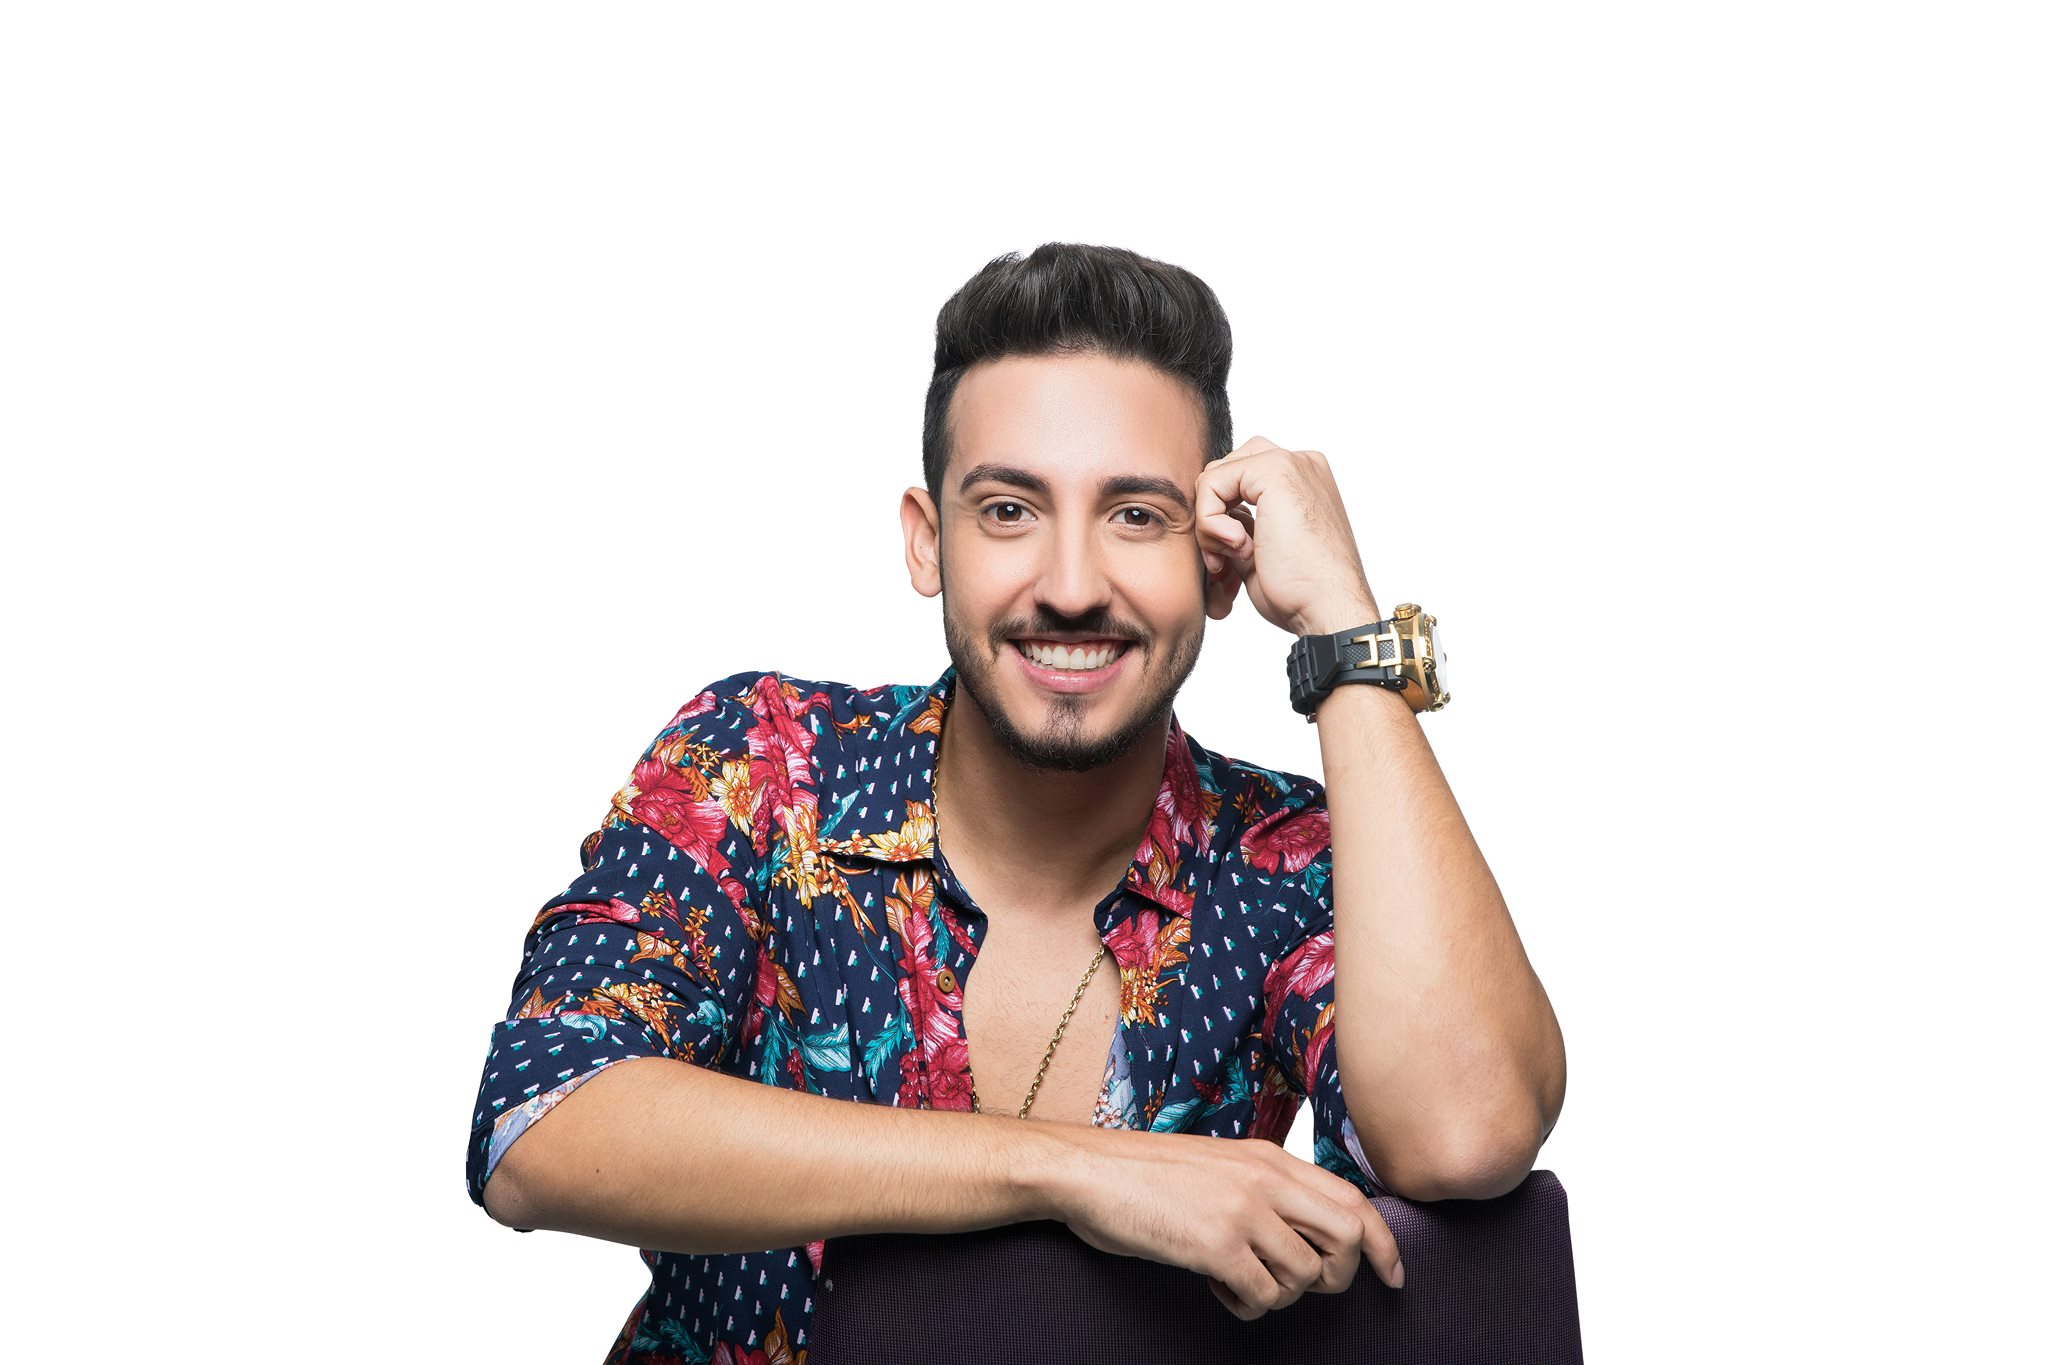 Gabriel Gadelha vai gravar DVD em Campinas/SP com participações especiais 41